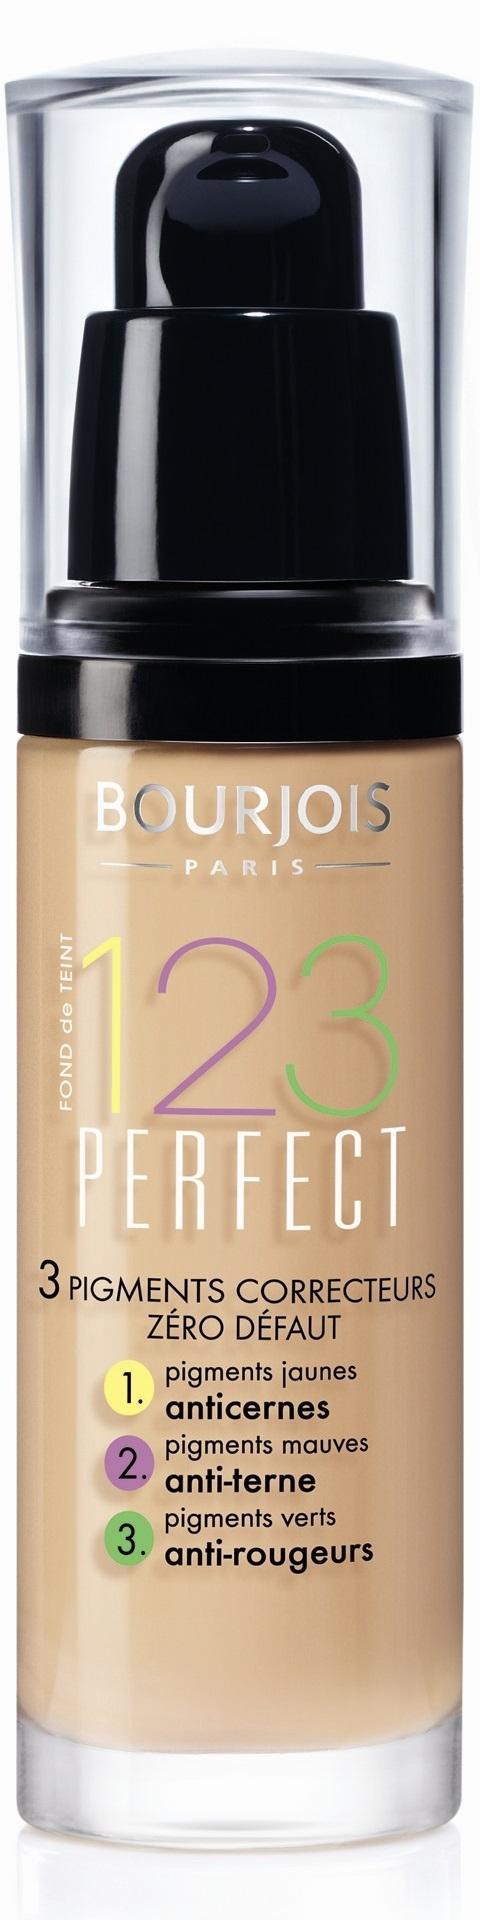 Bourjois 123 Perfect (W) podkład 52 Vanille 30ml